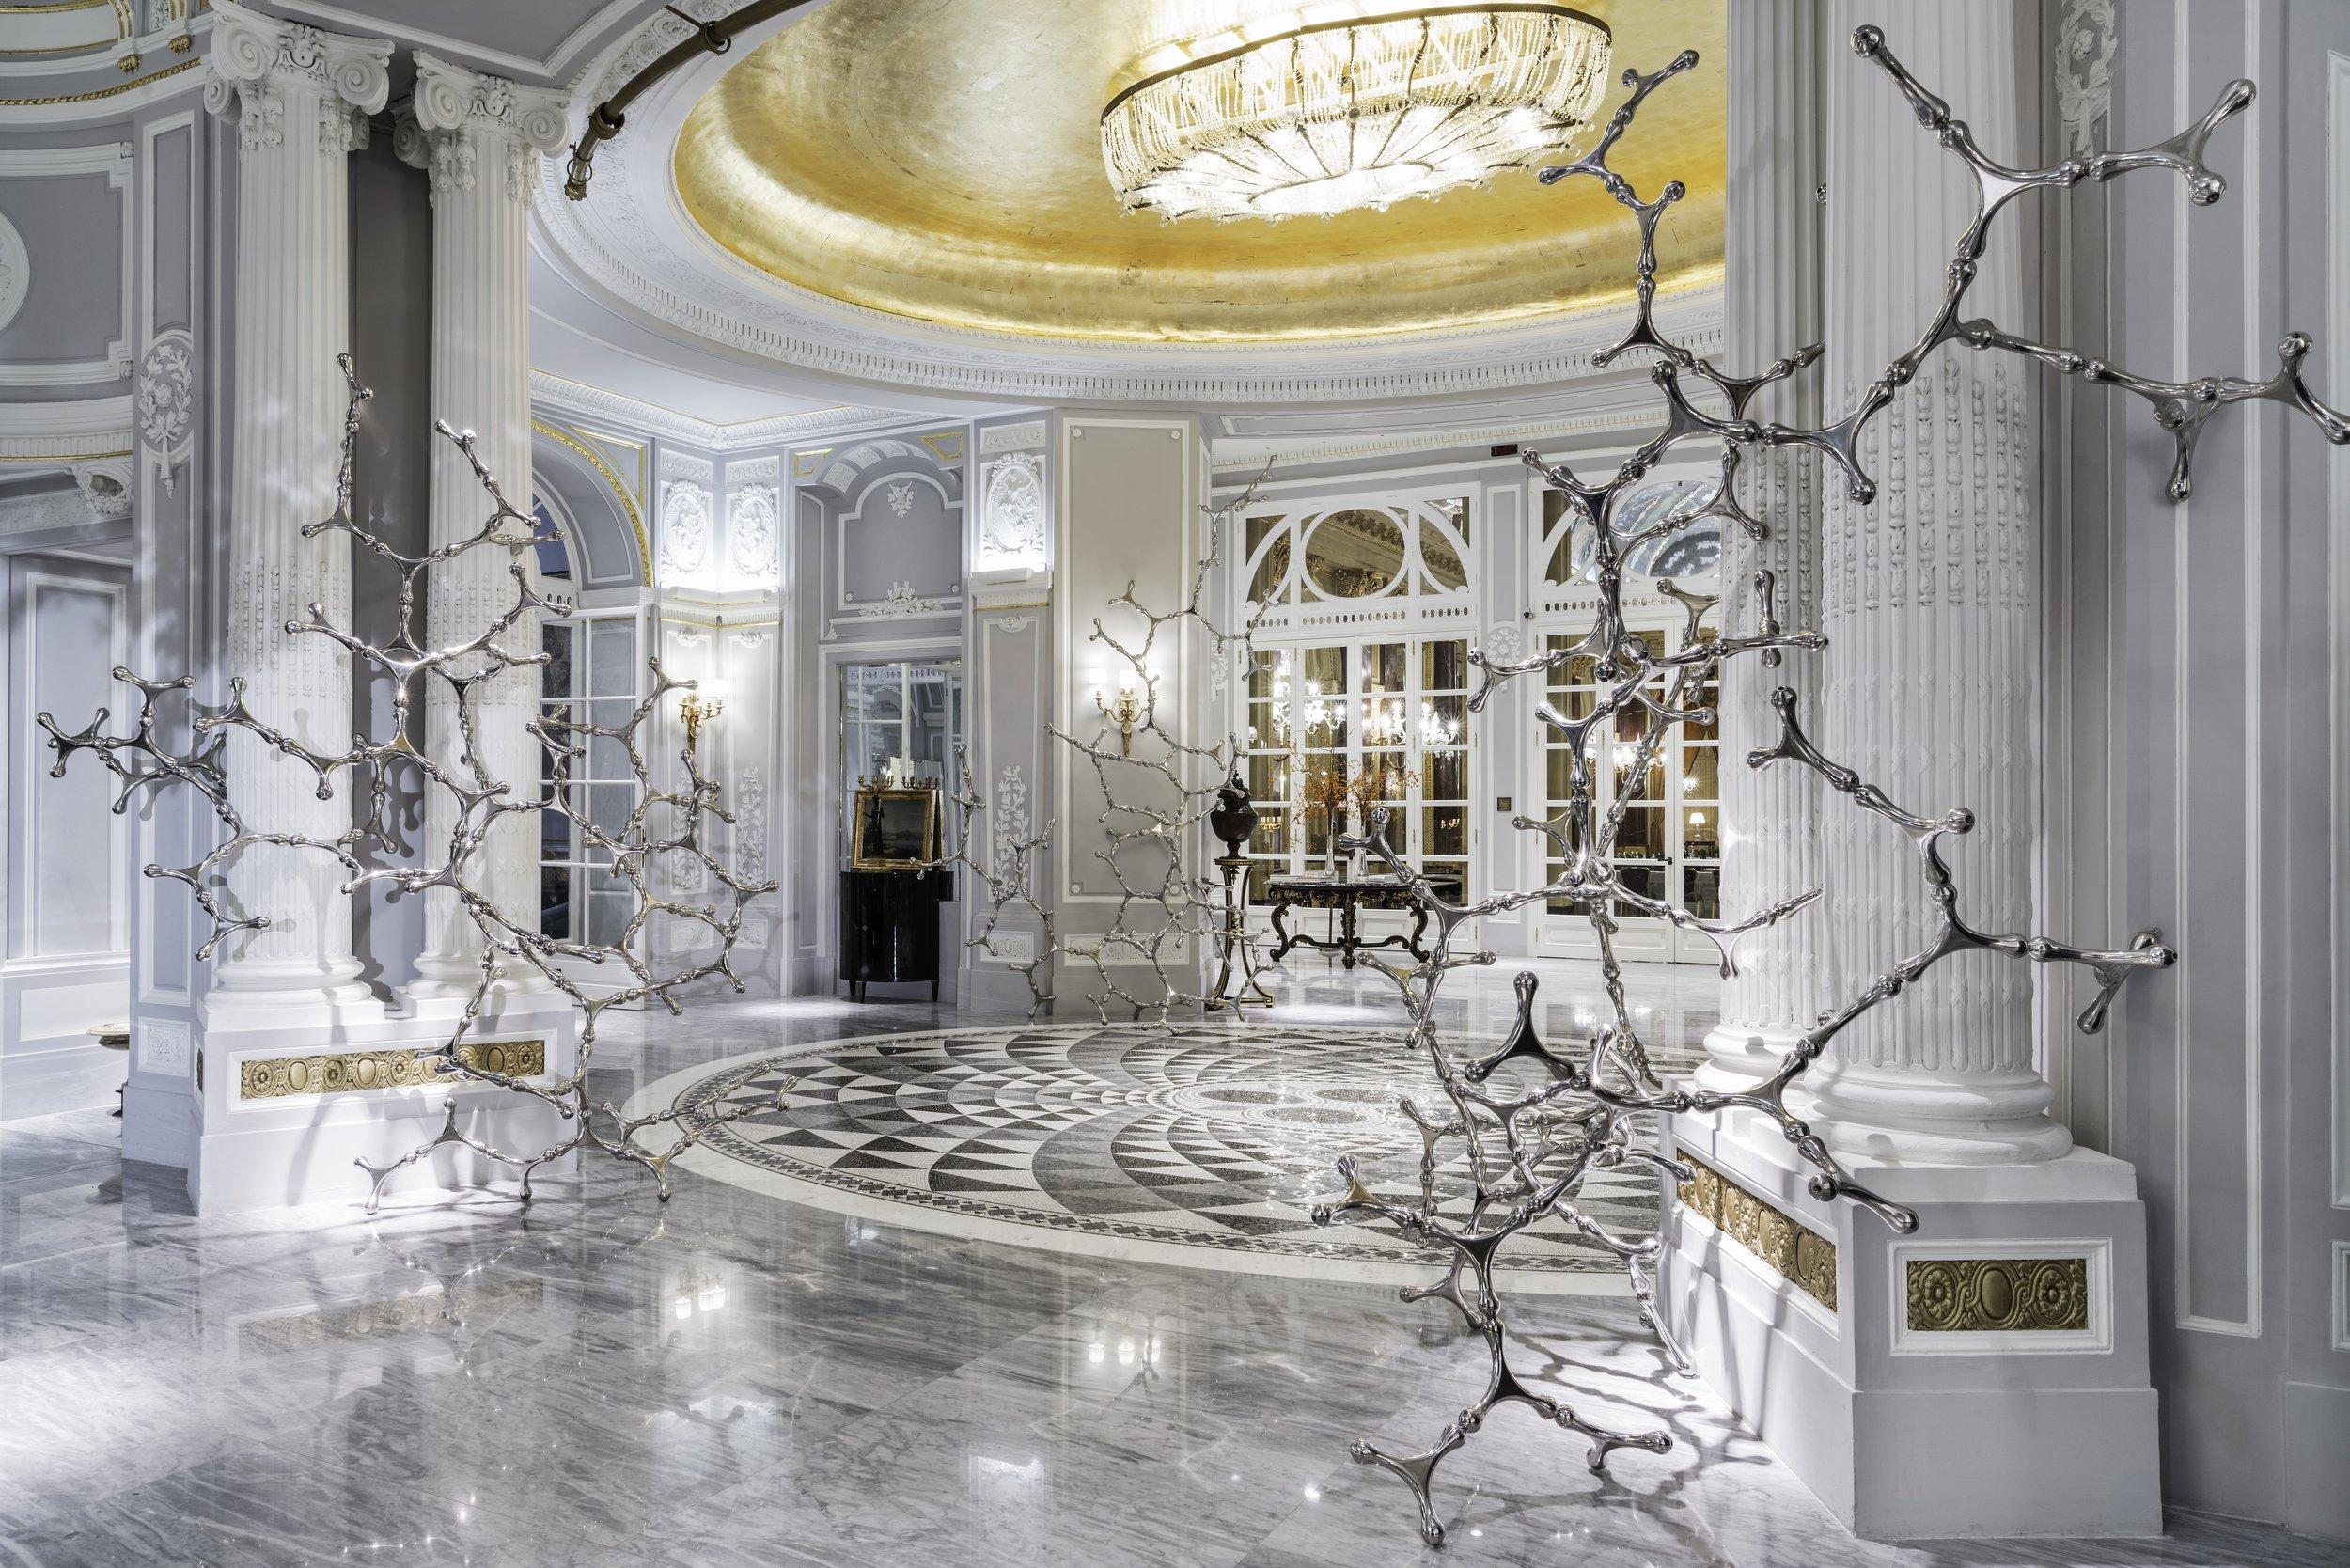 The light-filled lobby of St Regis Rome